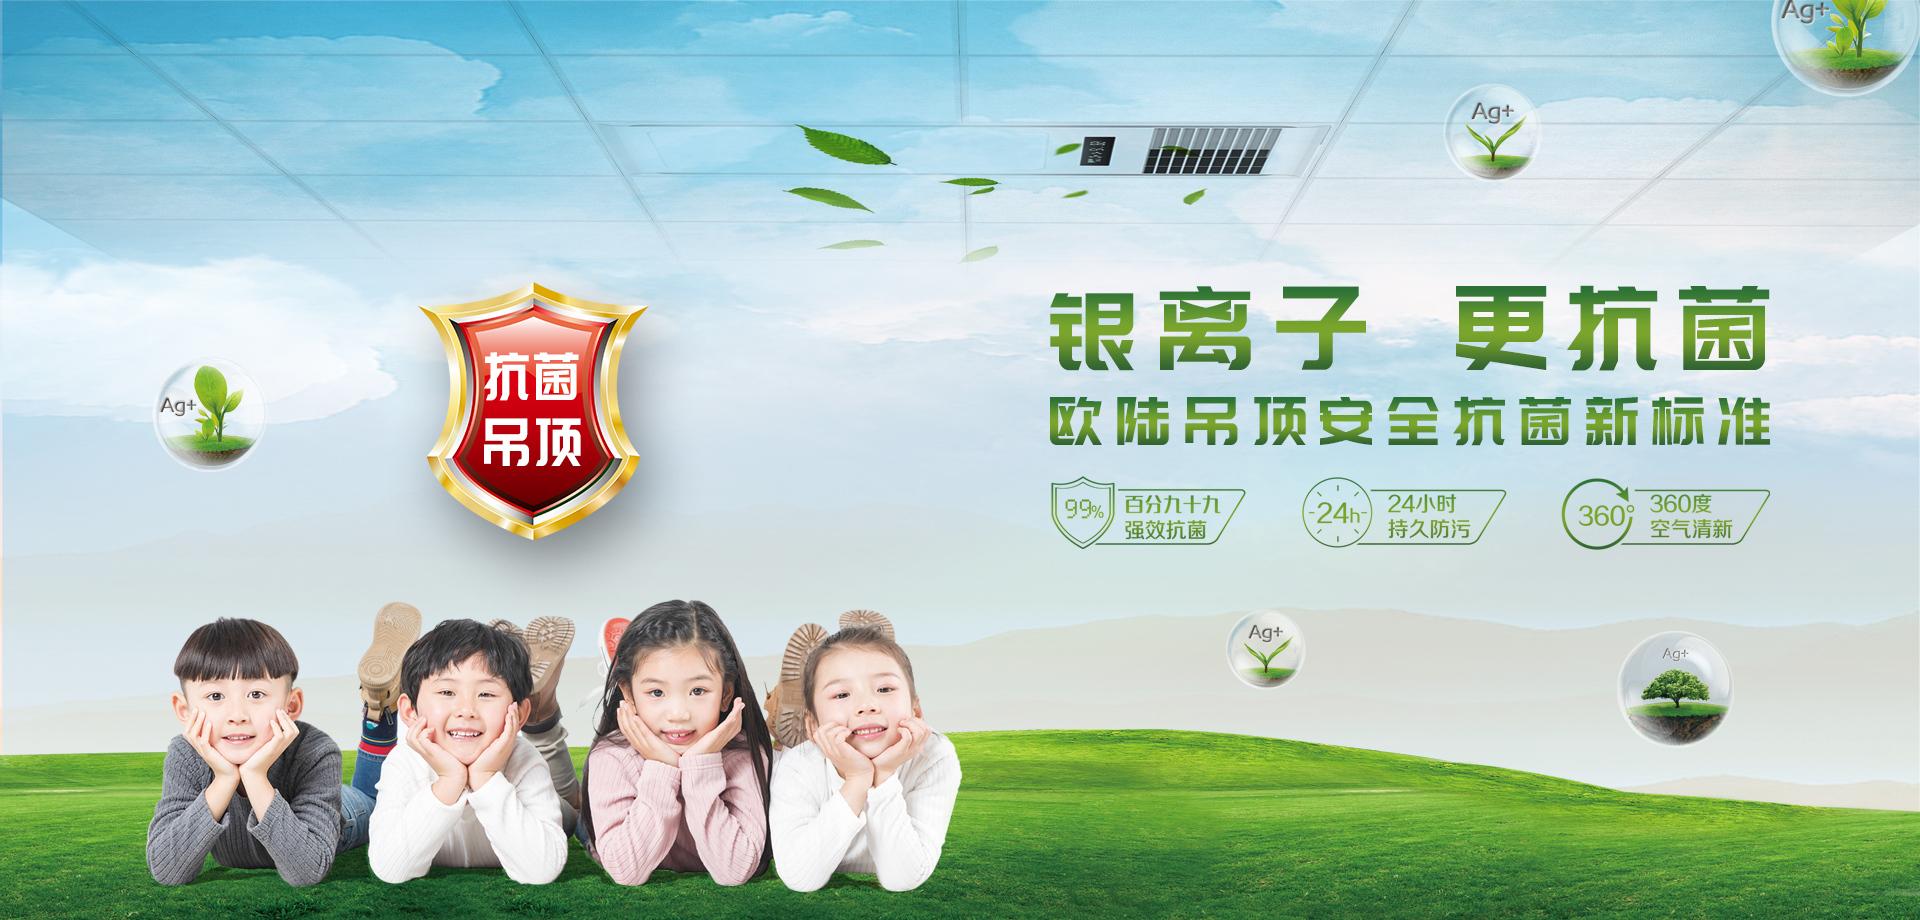 银离子•抗菌新标准,广汽本田上海商务中心应用欧陆美居抗菌吊顶